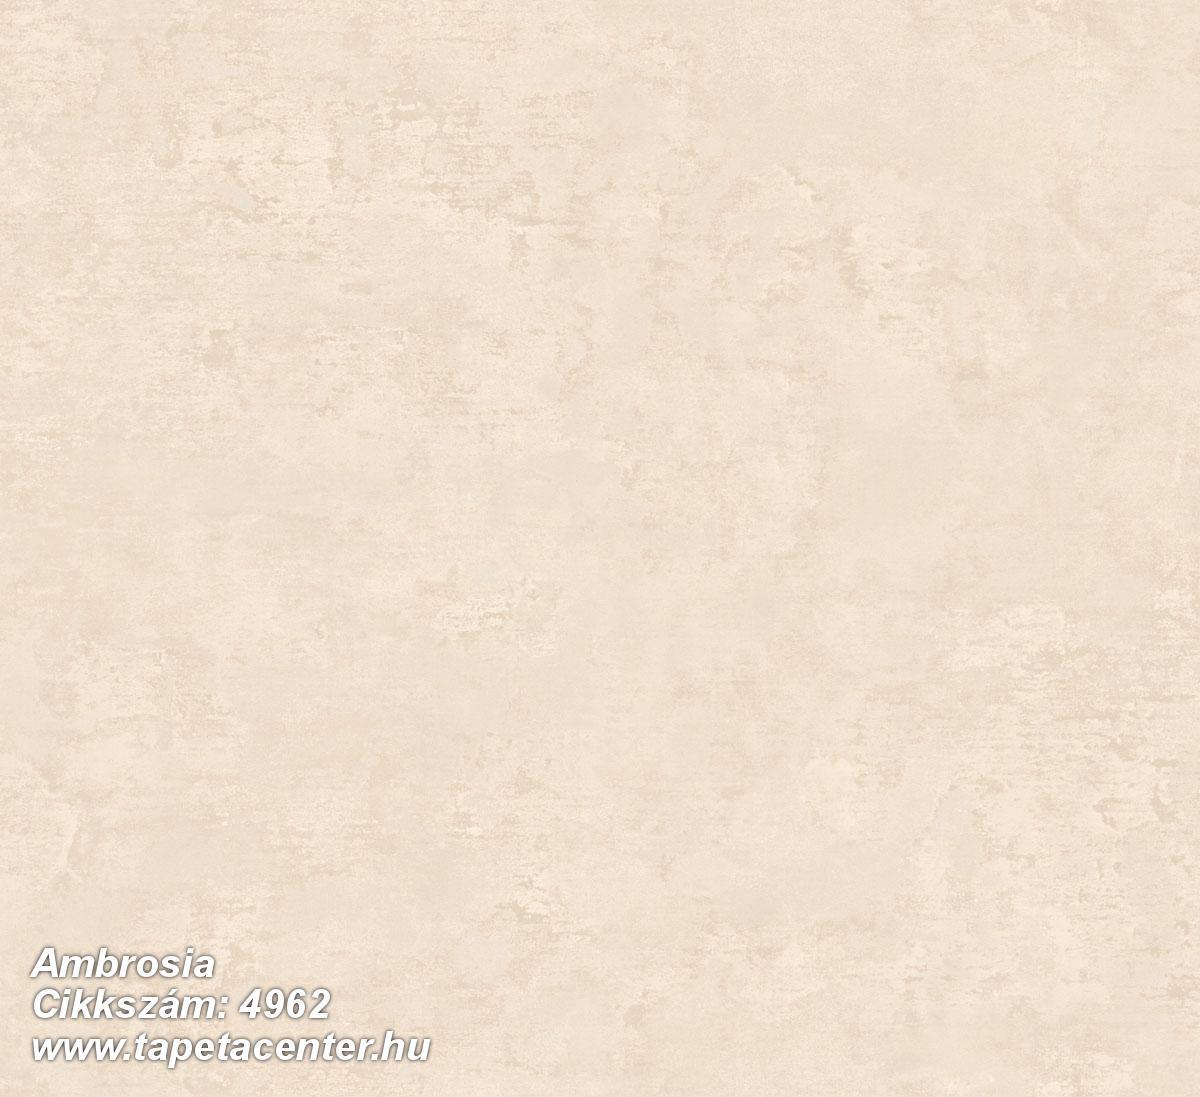 Ambrosia - 4962 Olasz tapéta